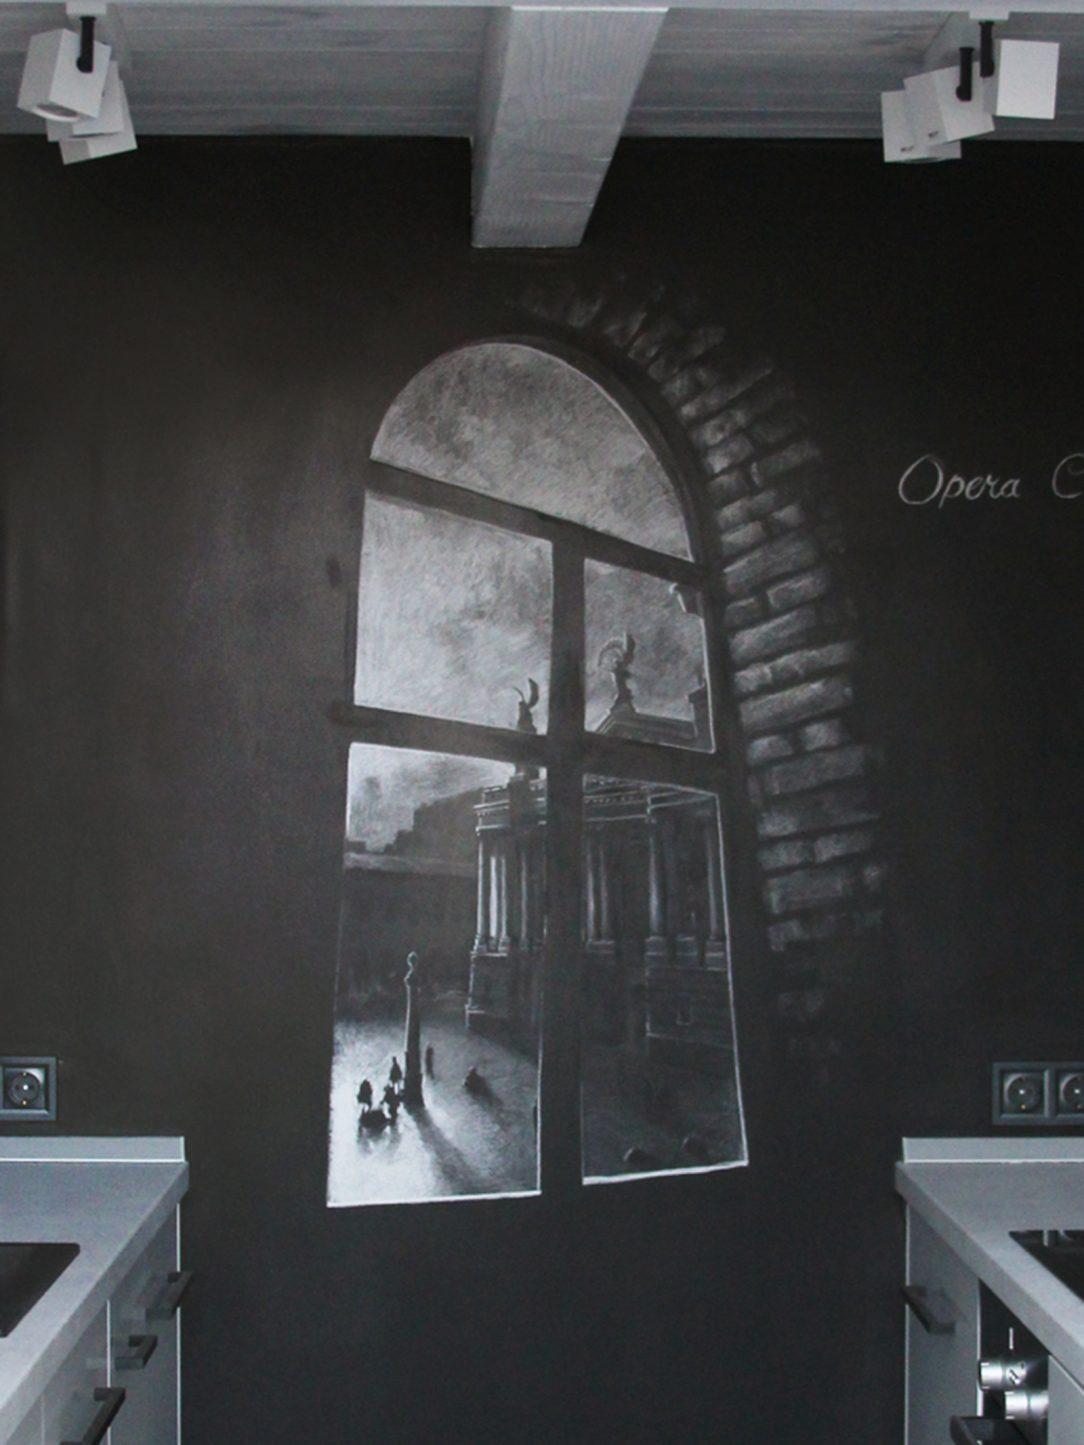 Dekorácia vytvorená z fotografie niekdajšieho okna umiestnená na jedinej čiernej stene bytu